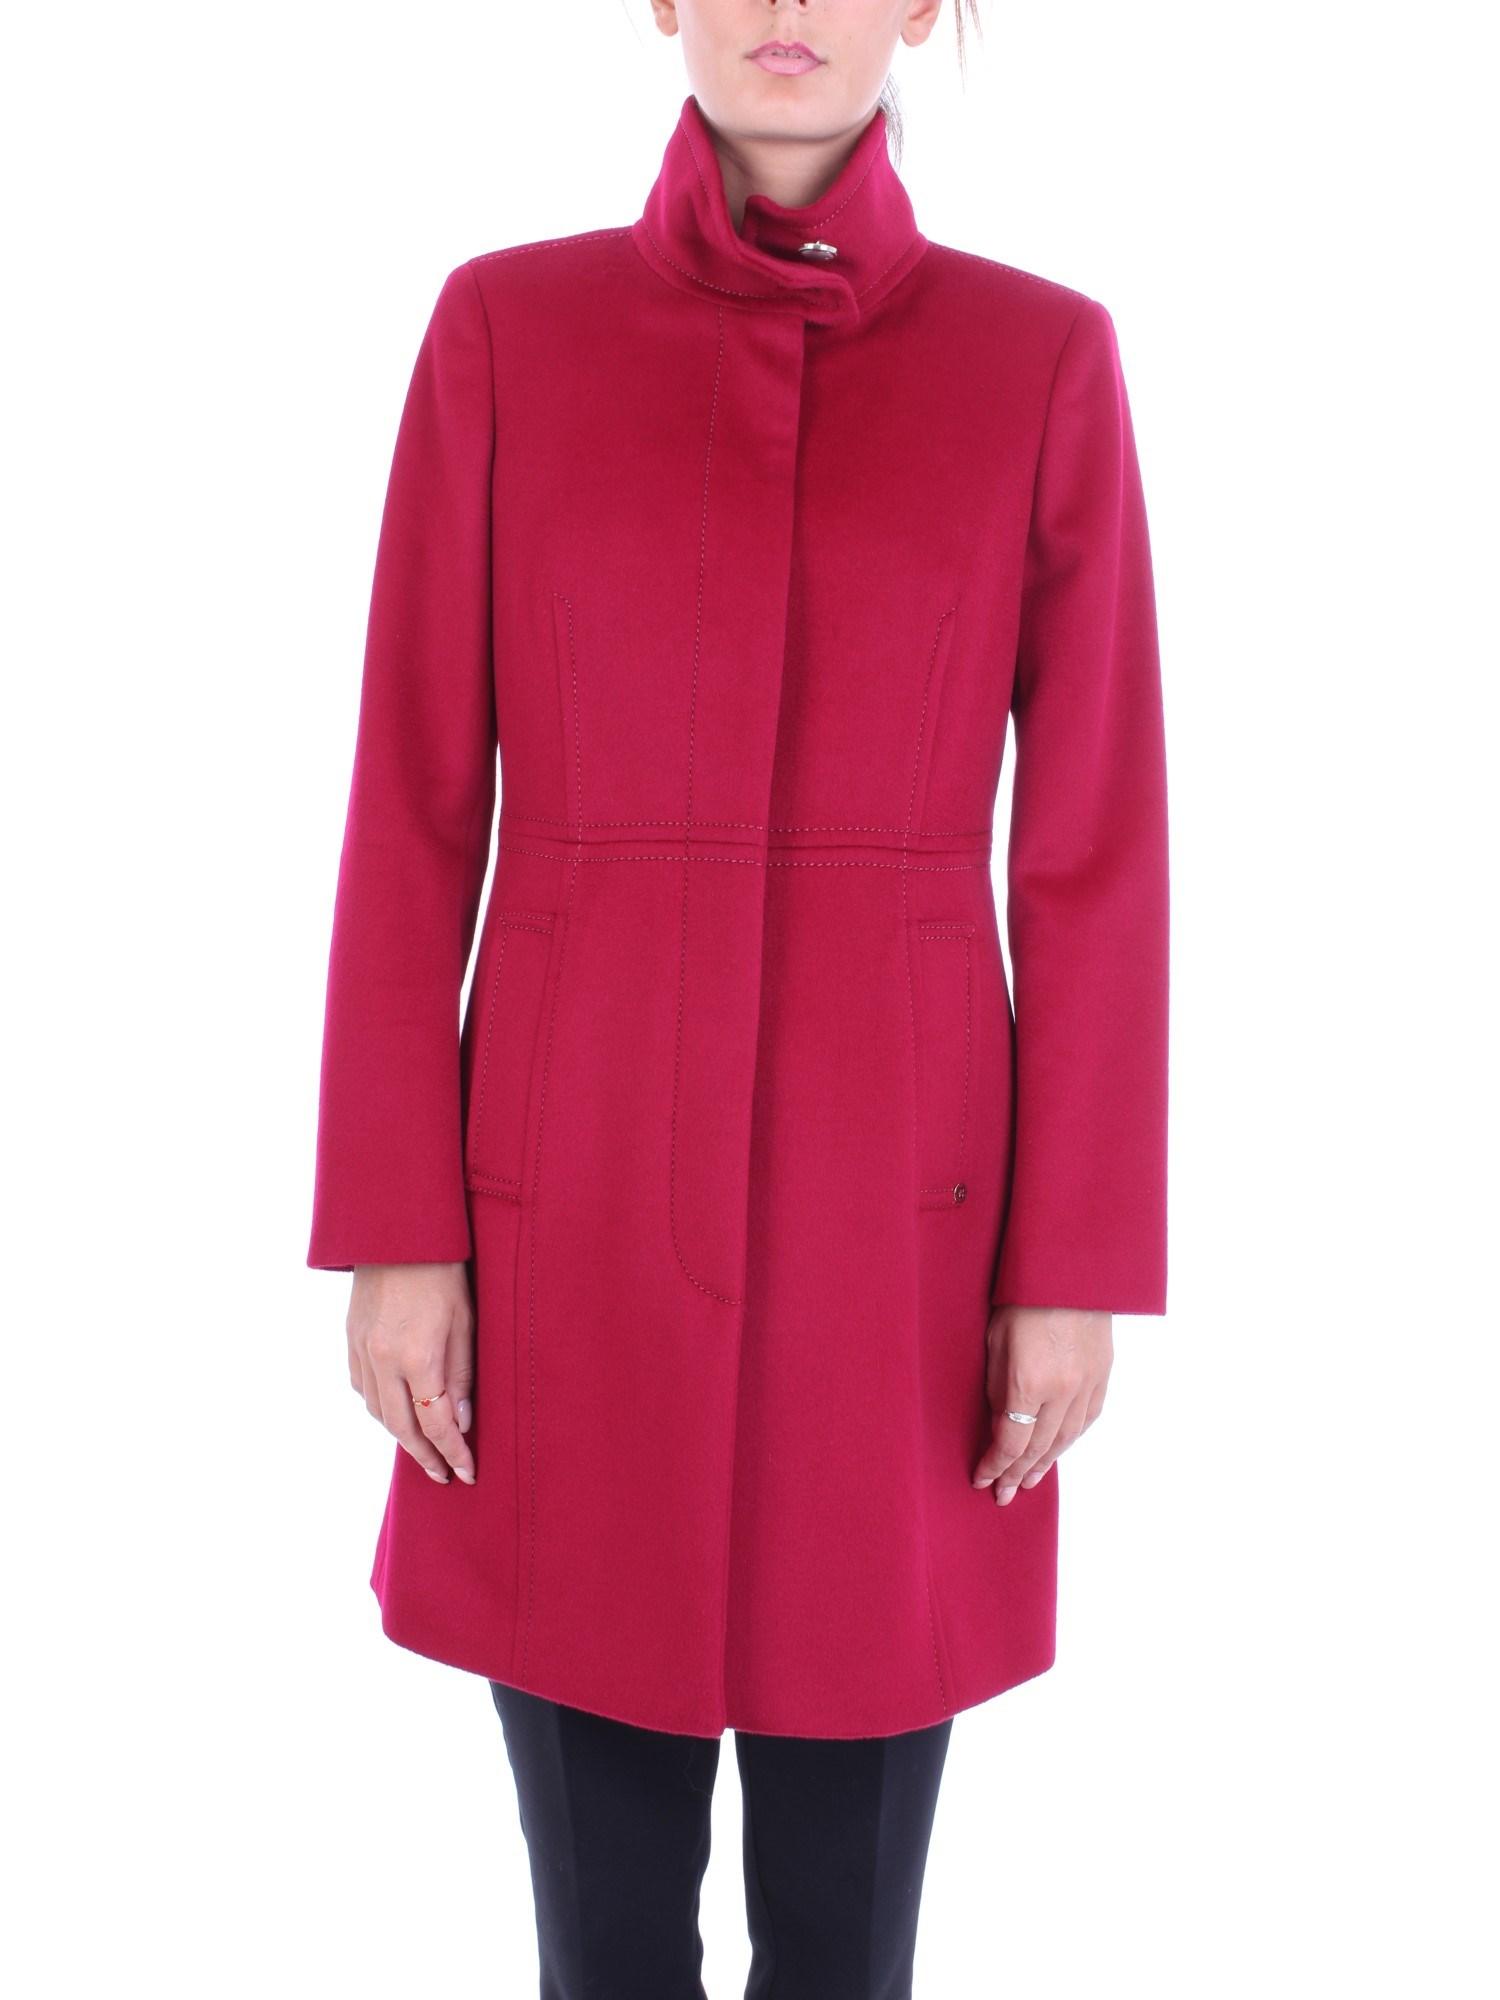 on sale 41036 4b63c Dettagli su PENNY BLACK Donna AGRARIA Rubino-01 Cappotto Autunno/Inverno  drap di pura lana